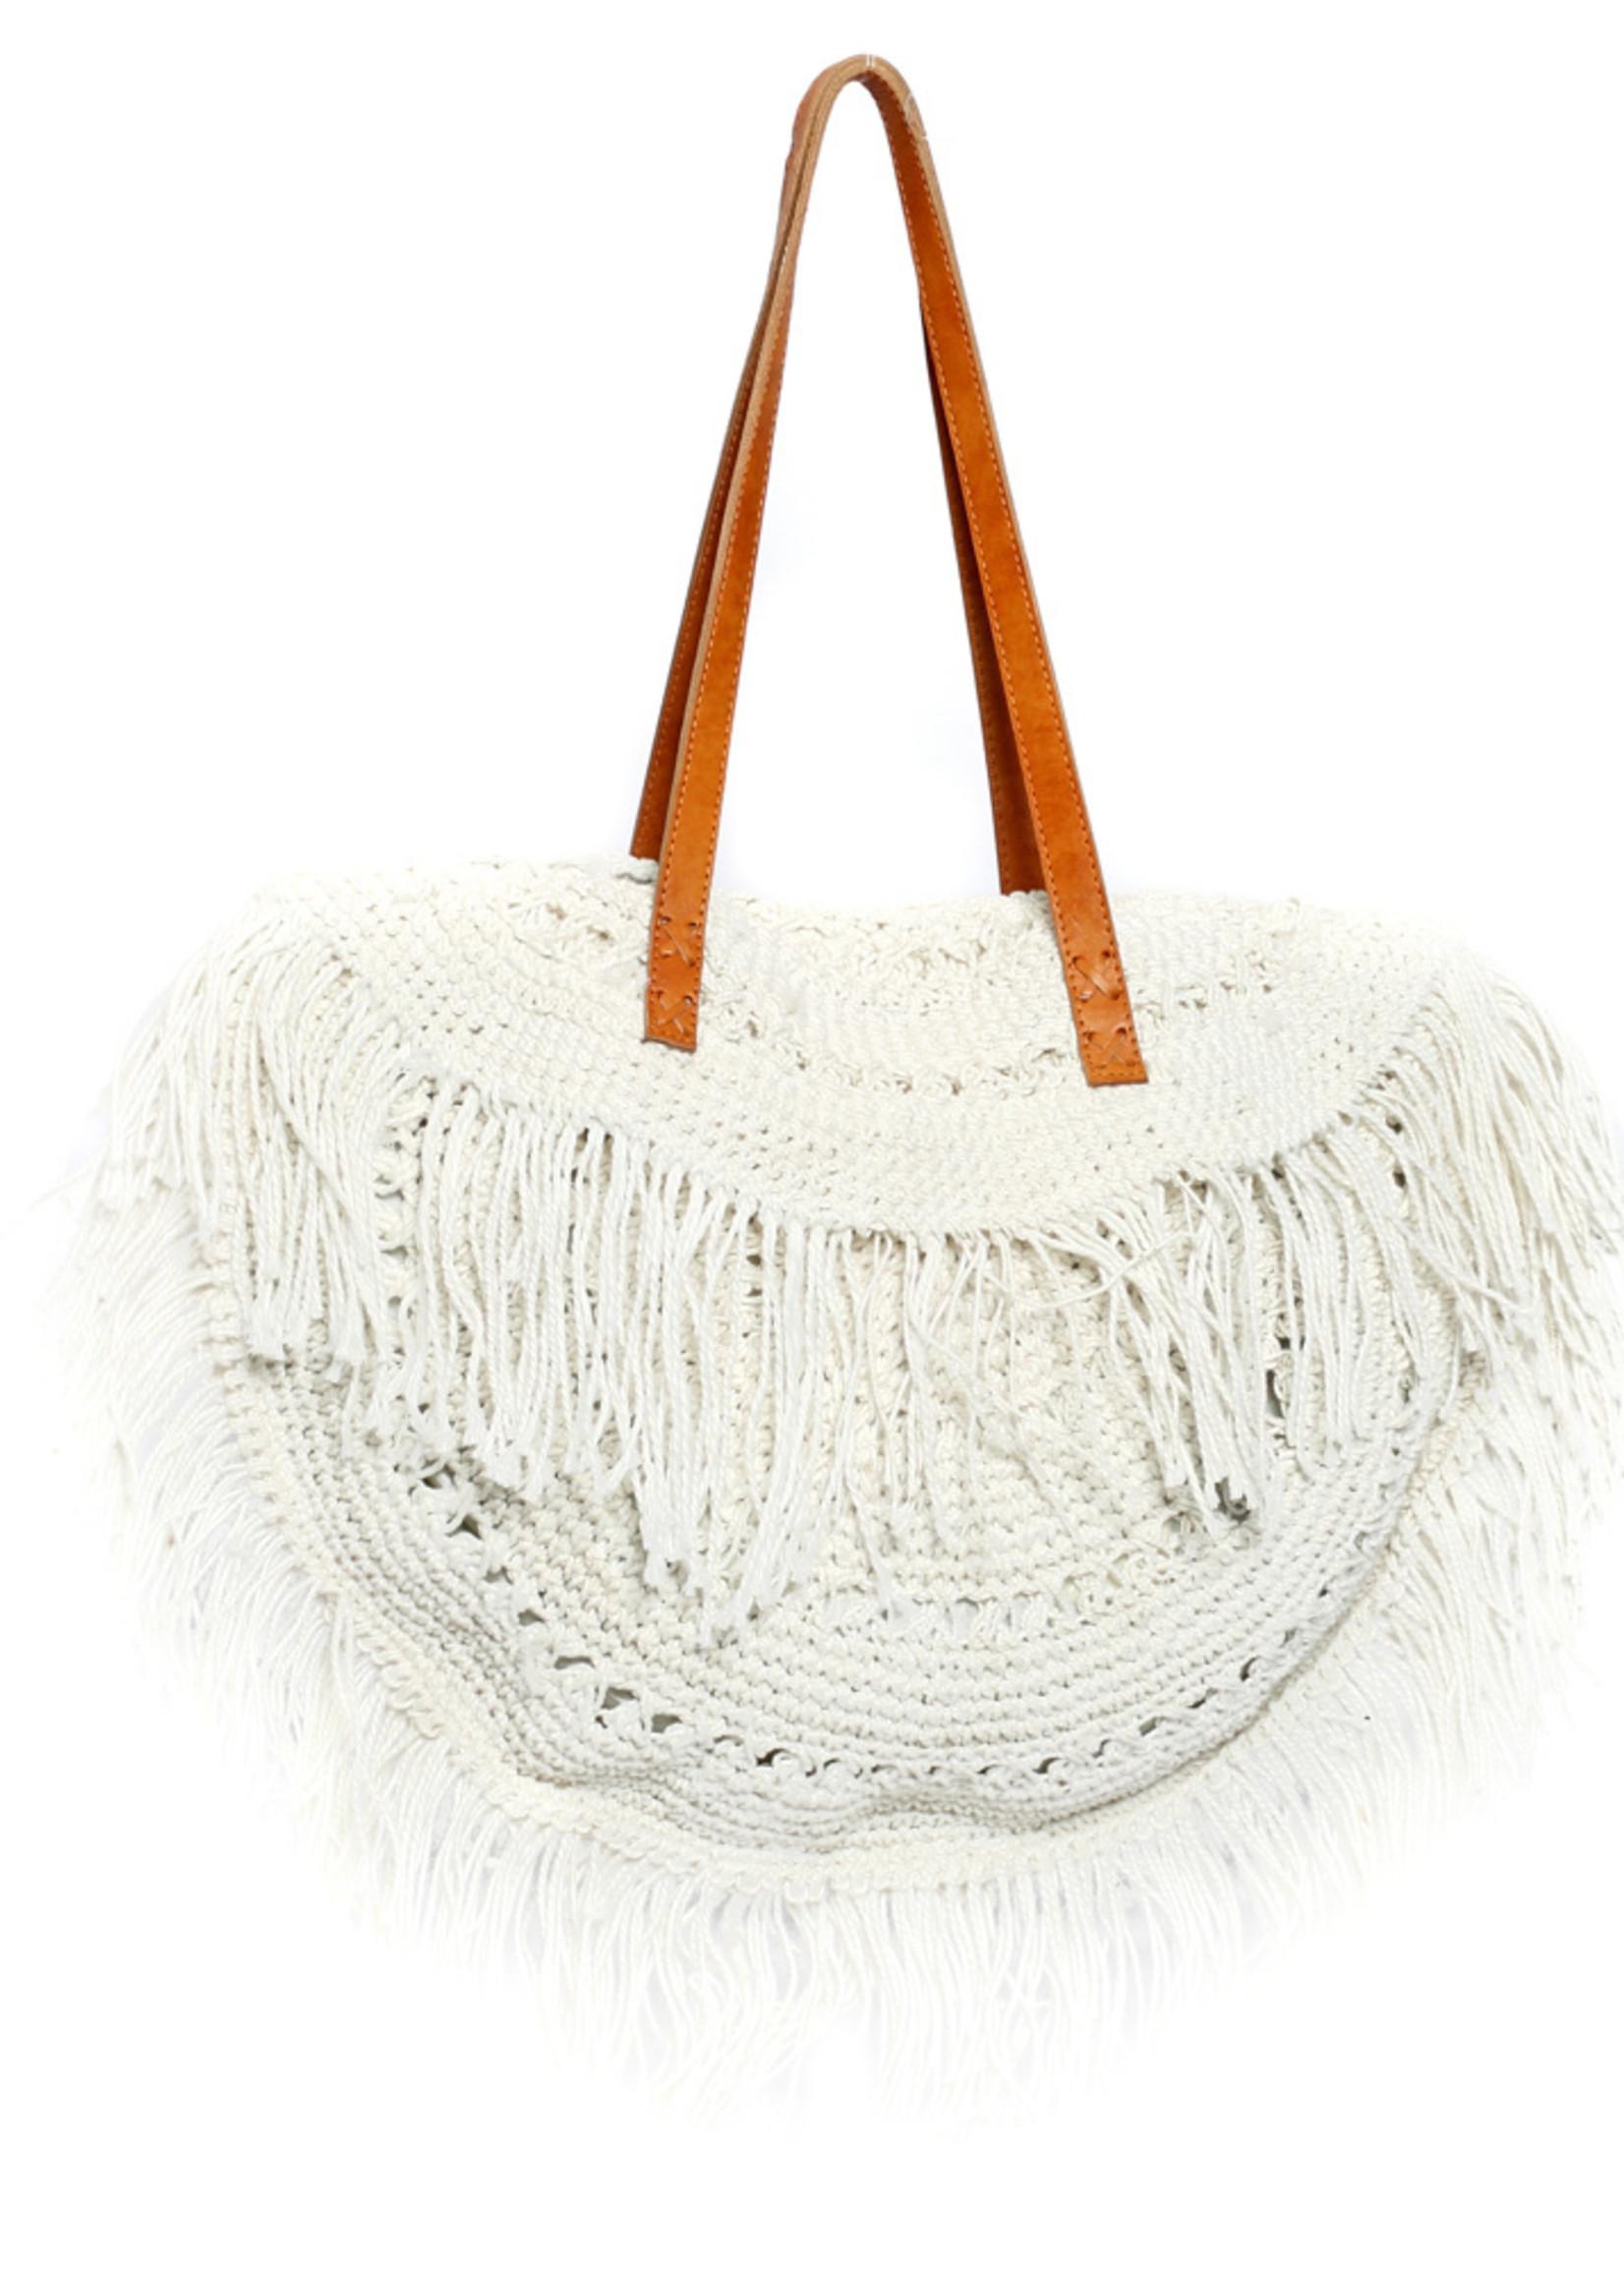 The Fringed Tulum Bag - White